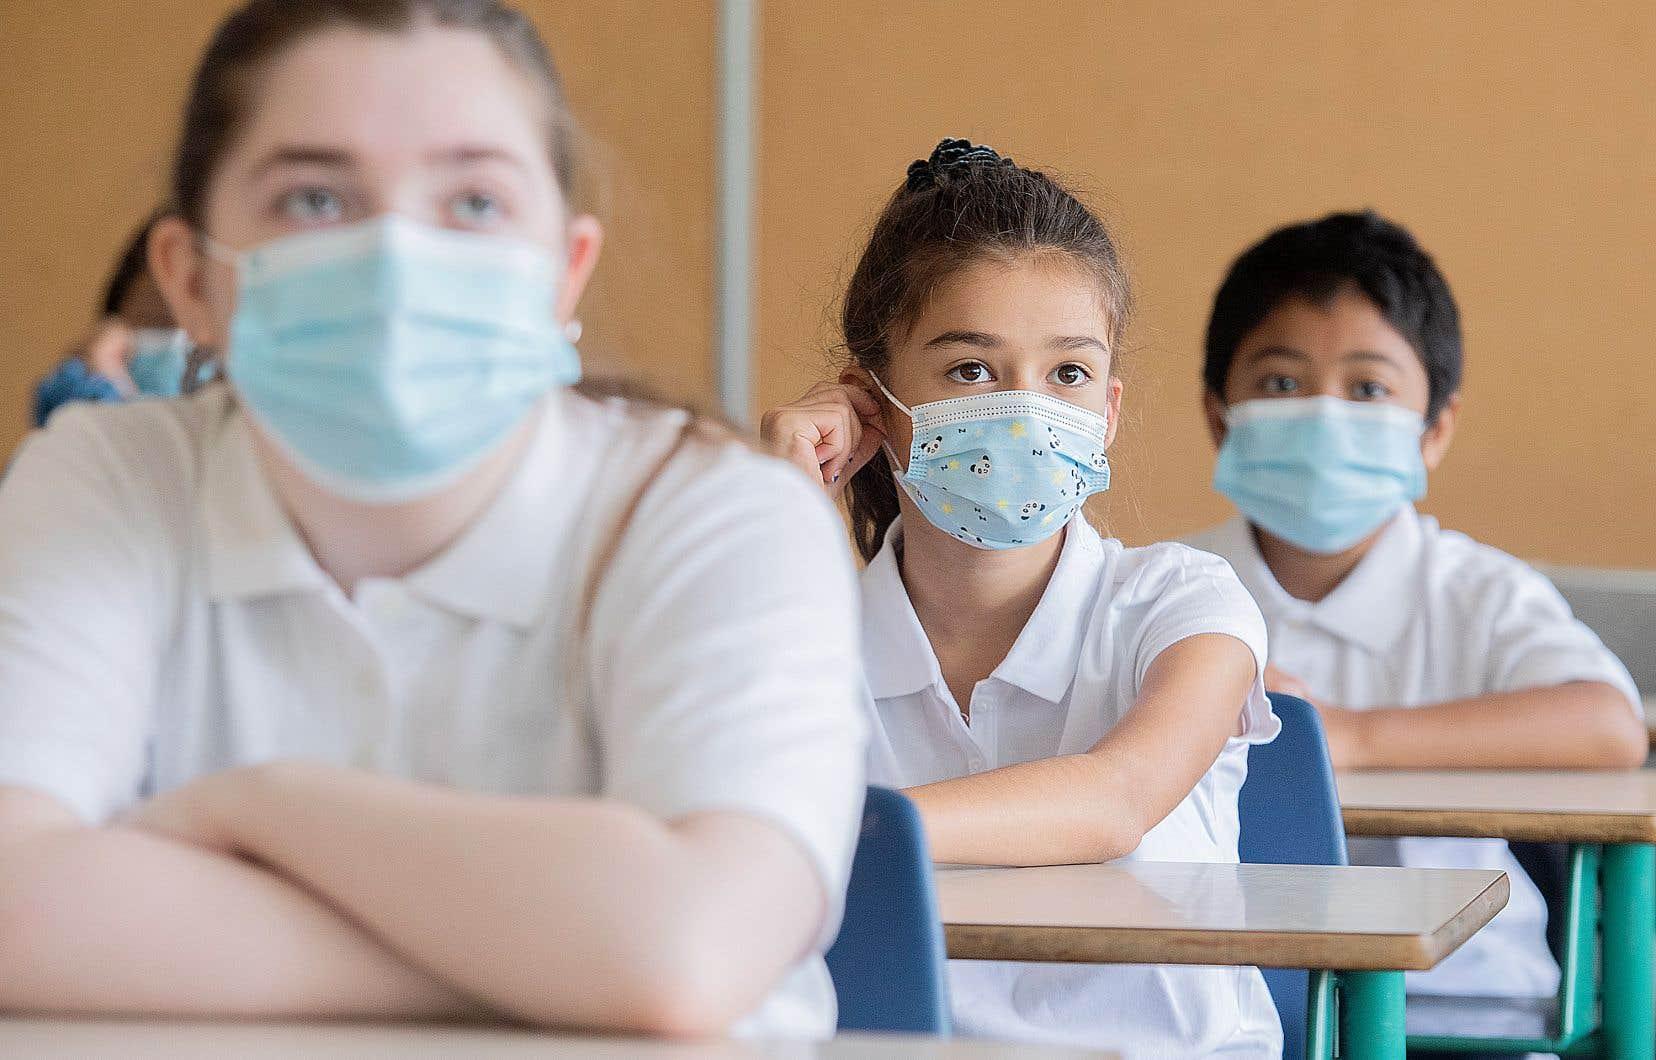 Les adolescents en crise souffrant de troubles alimentaires graves sont beaucoup moins nombreux au CHU Sainte-Justine qu'au printemps dernier depuis le retour à l'école à temps complet.